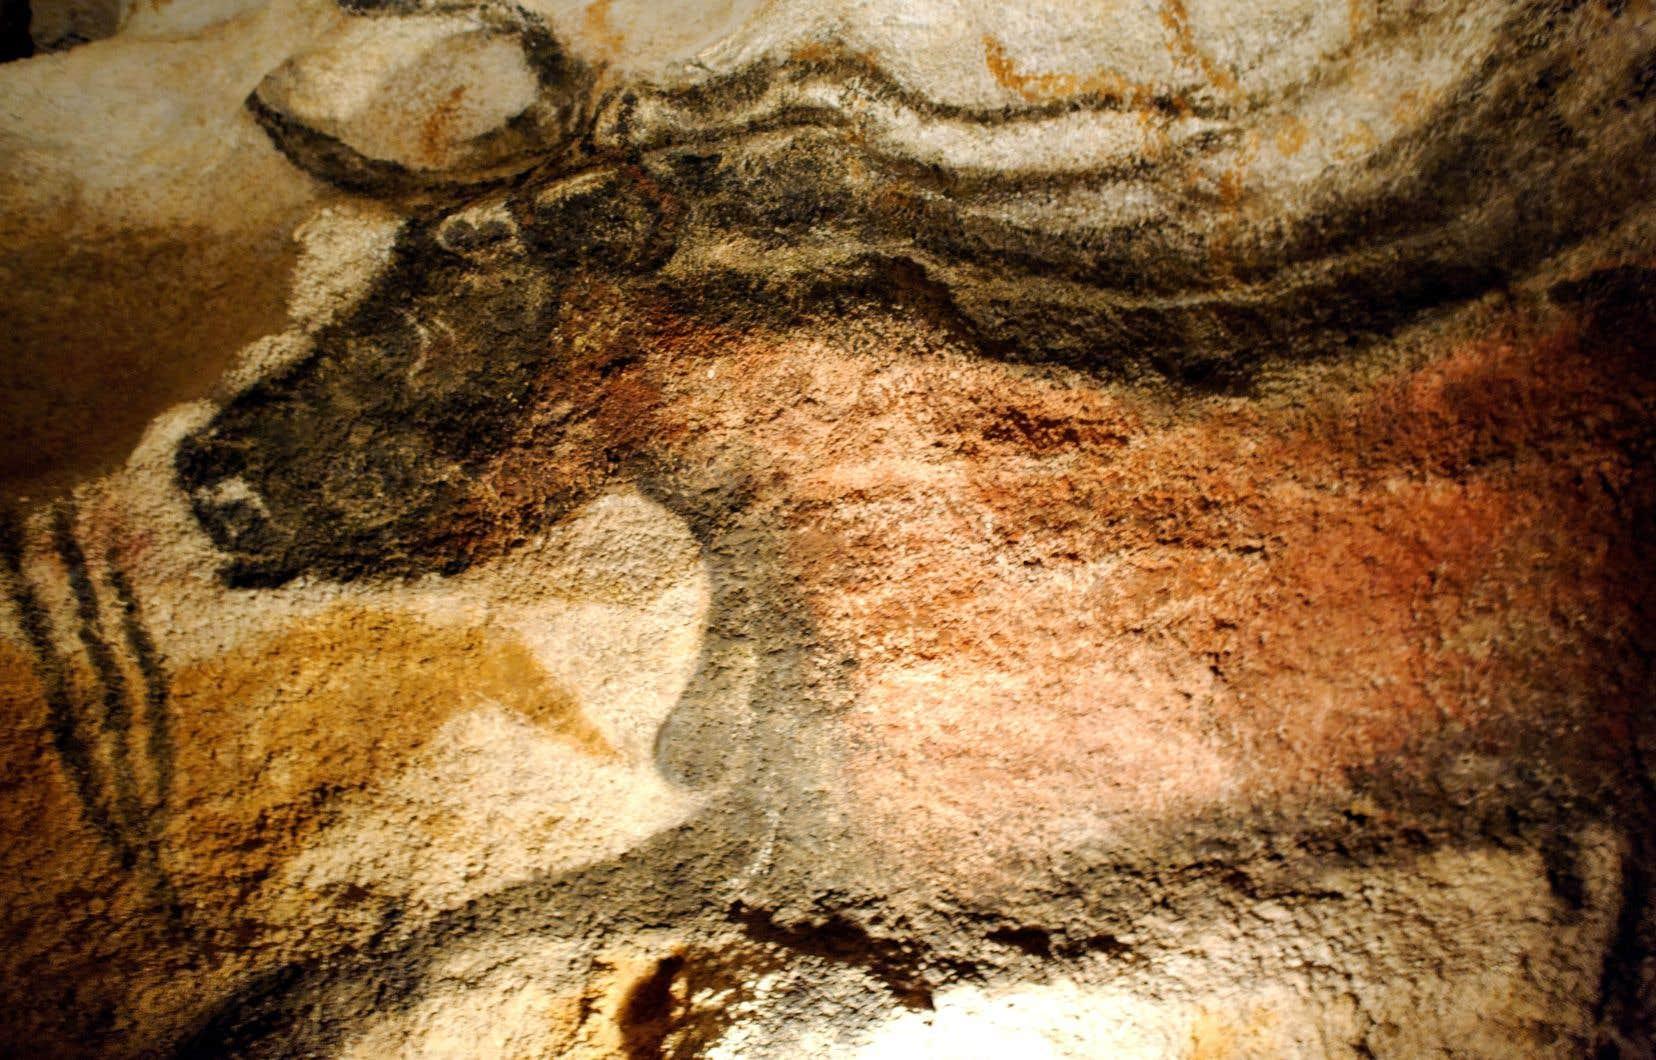 L'art n'était pas l'apanage des hommes. Des études menées sur les empreintes de mains qui ont été retrouvées sur les parois de grottes suggèrent que plusieurs d'entre elles seraient celles de femmes.